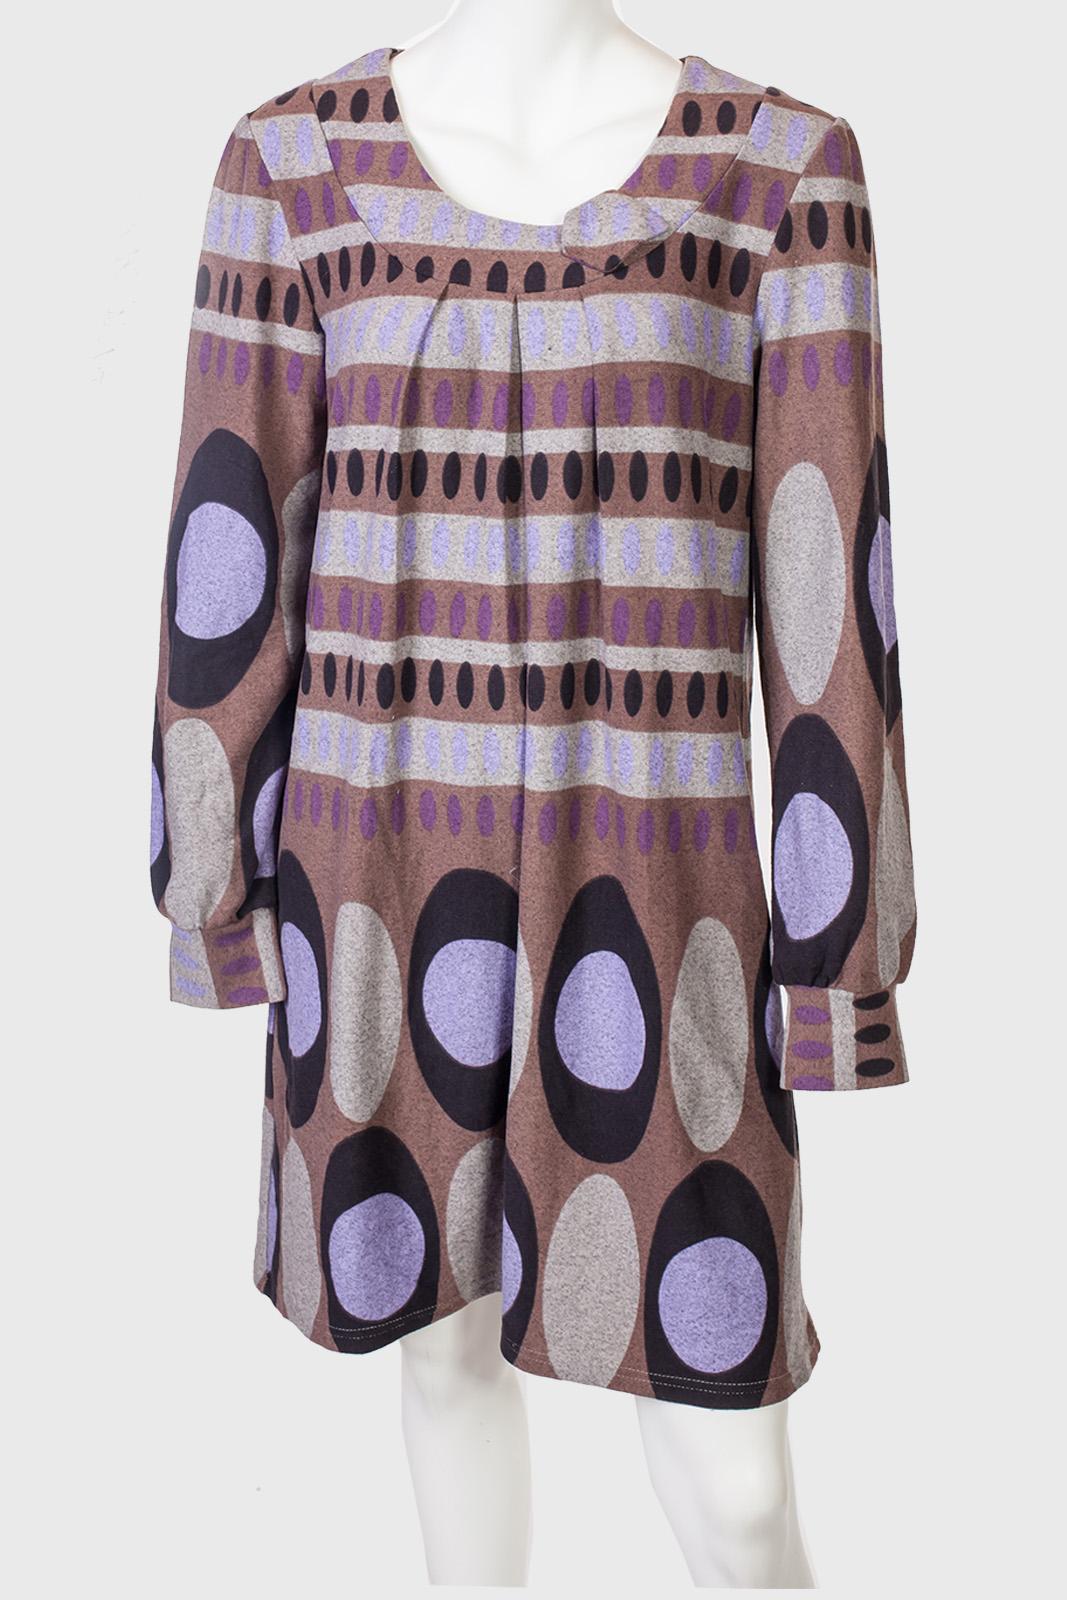 Расклешенное трикотажное платье Metpo Wear на осень.